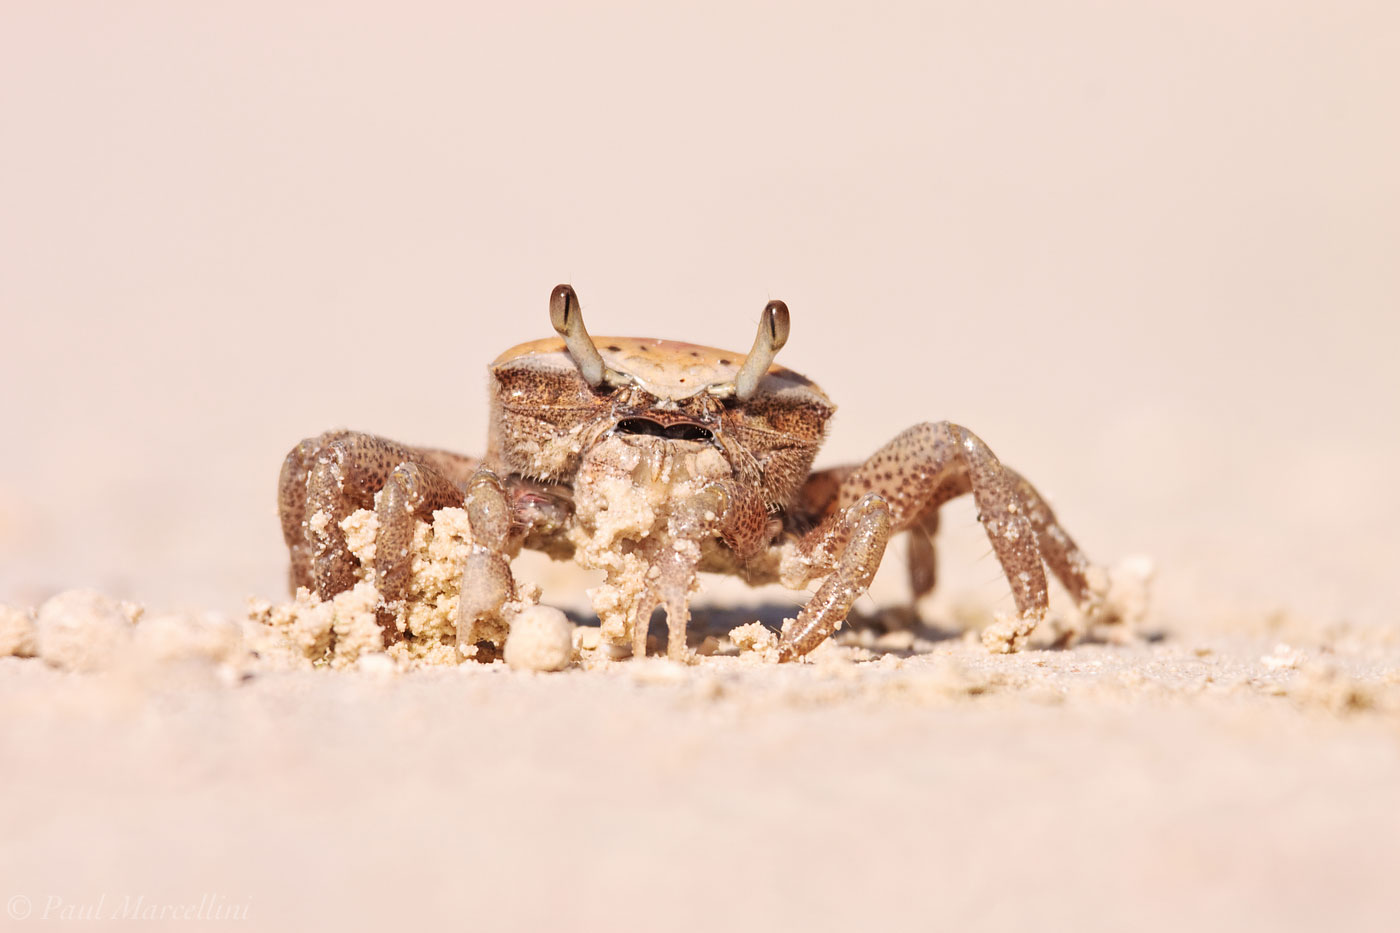 uca, fiddler crab, photo